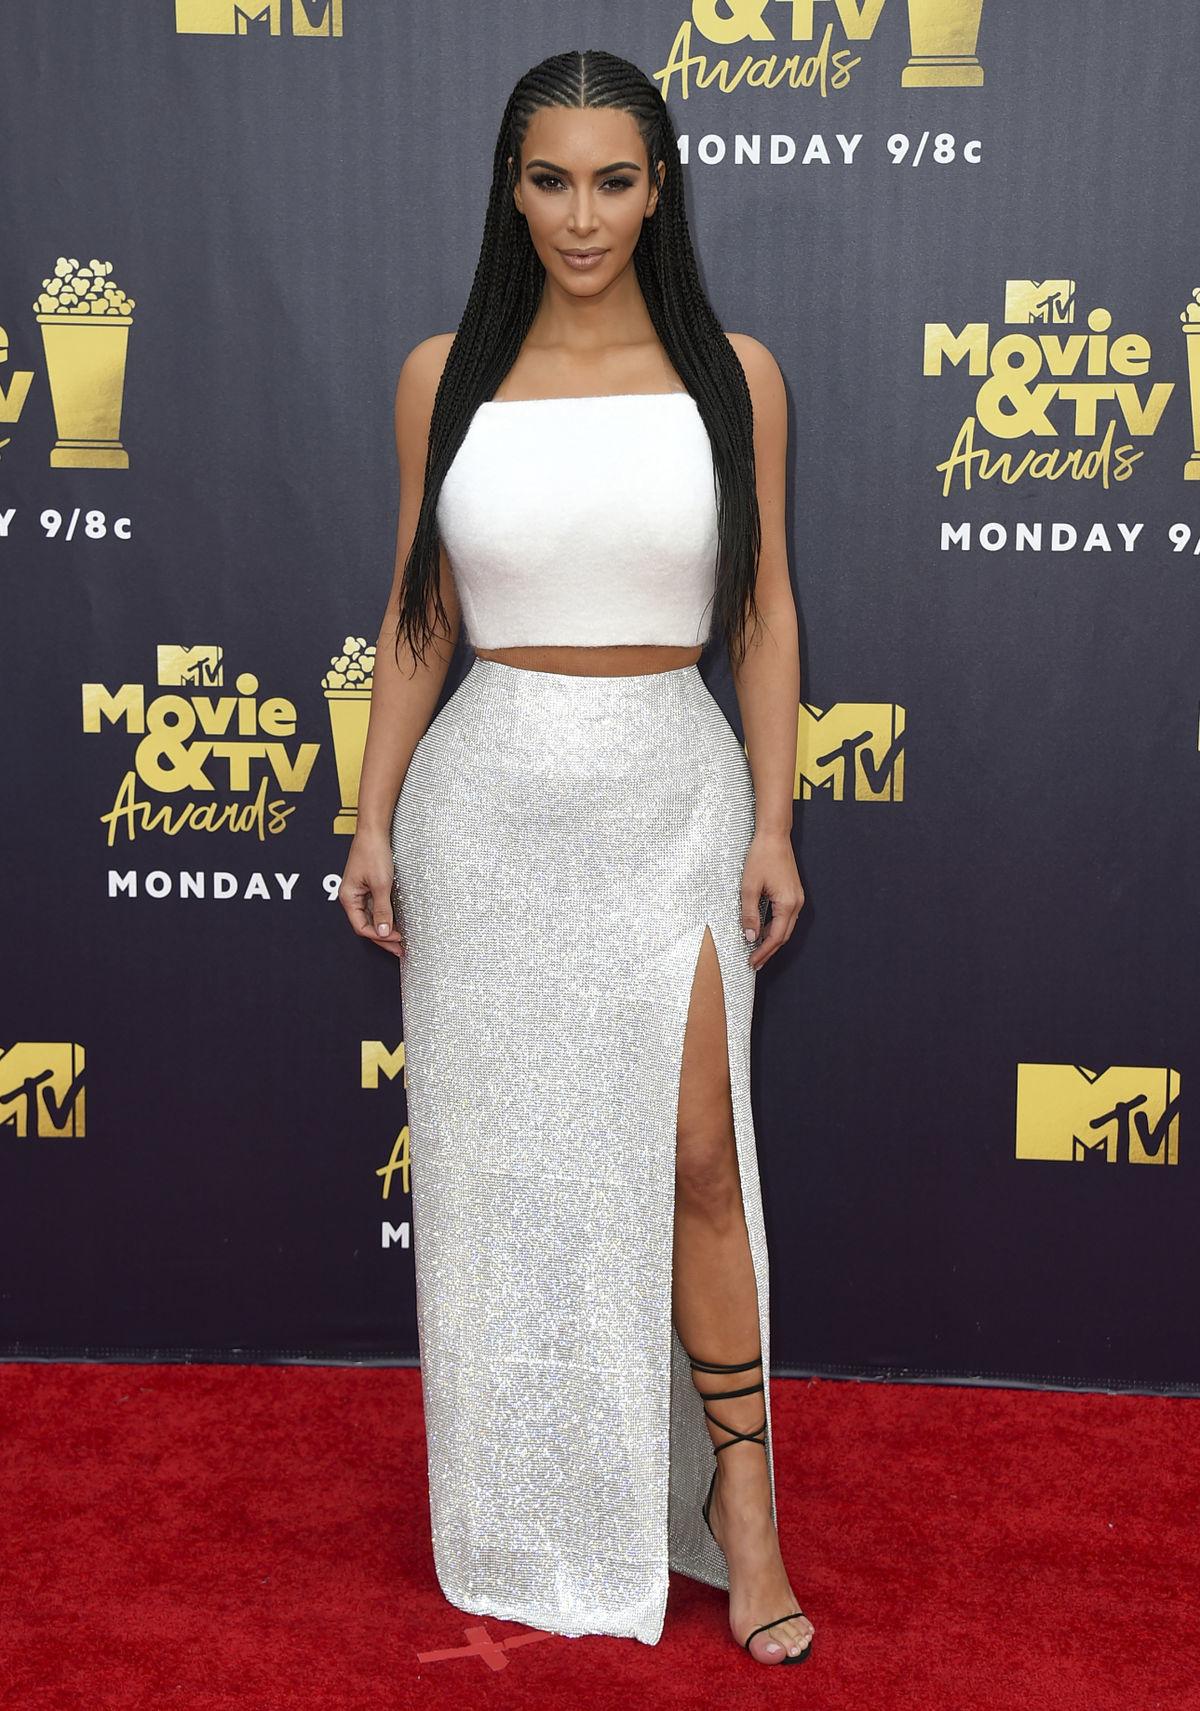 c3a8a444df6a Televízna a internetová hviezda Kim Kardashian... Televízna a internetová  hviezda Kim Kardashian West v kreácii Atelier Versace.